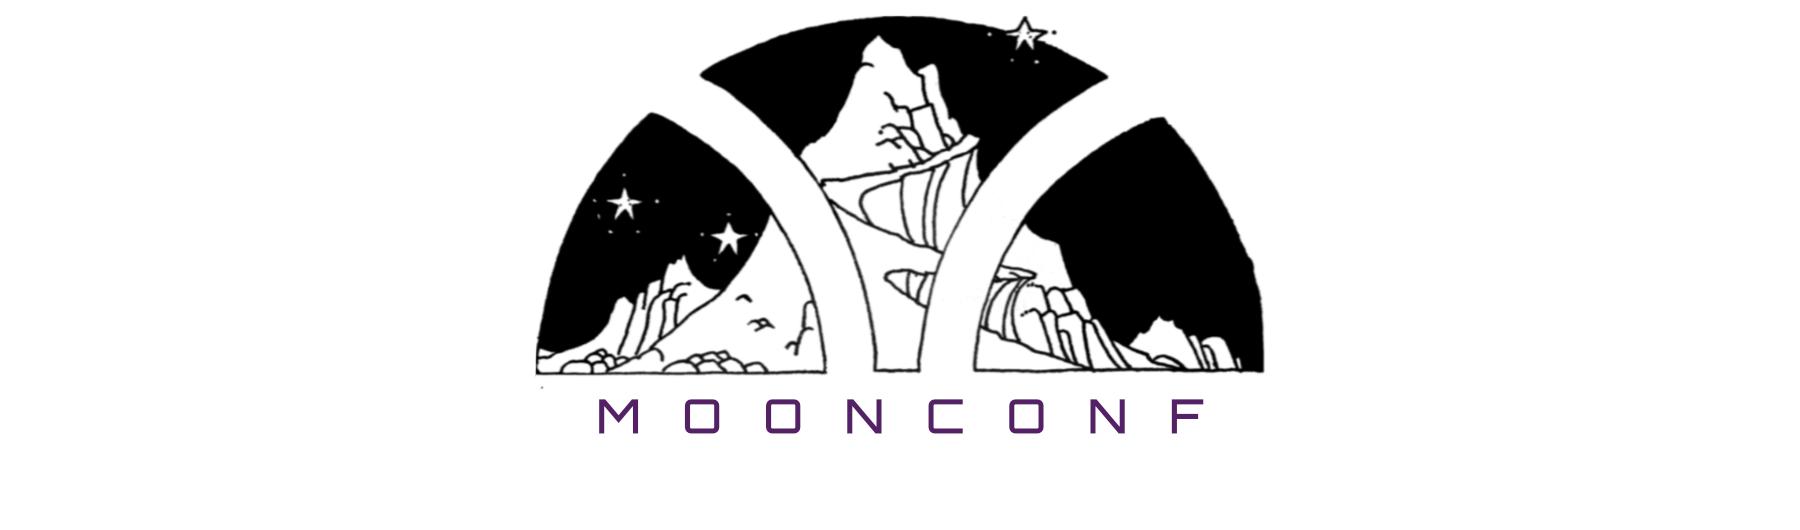 Moonconf 2017